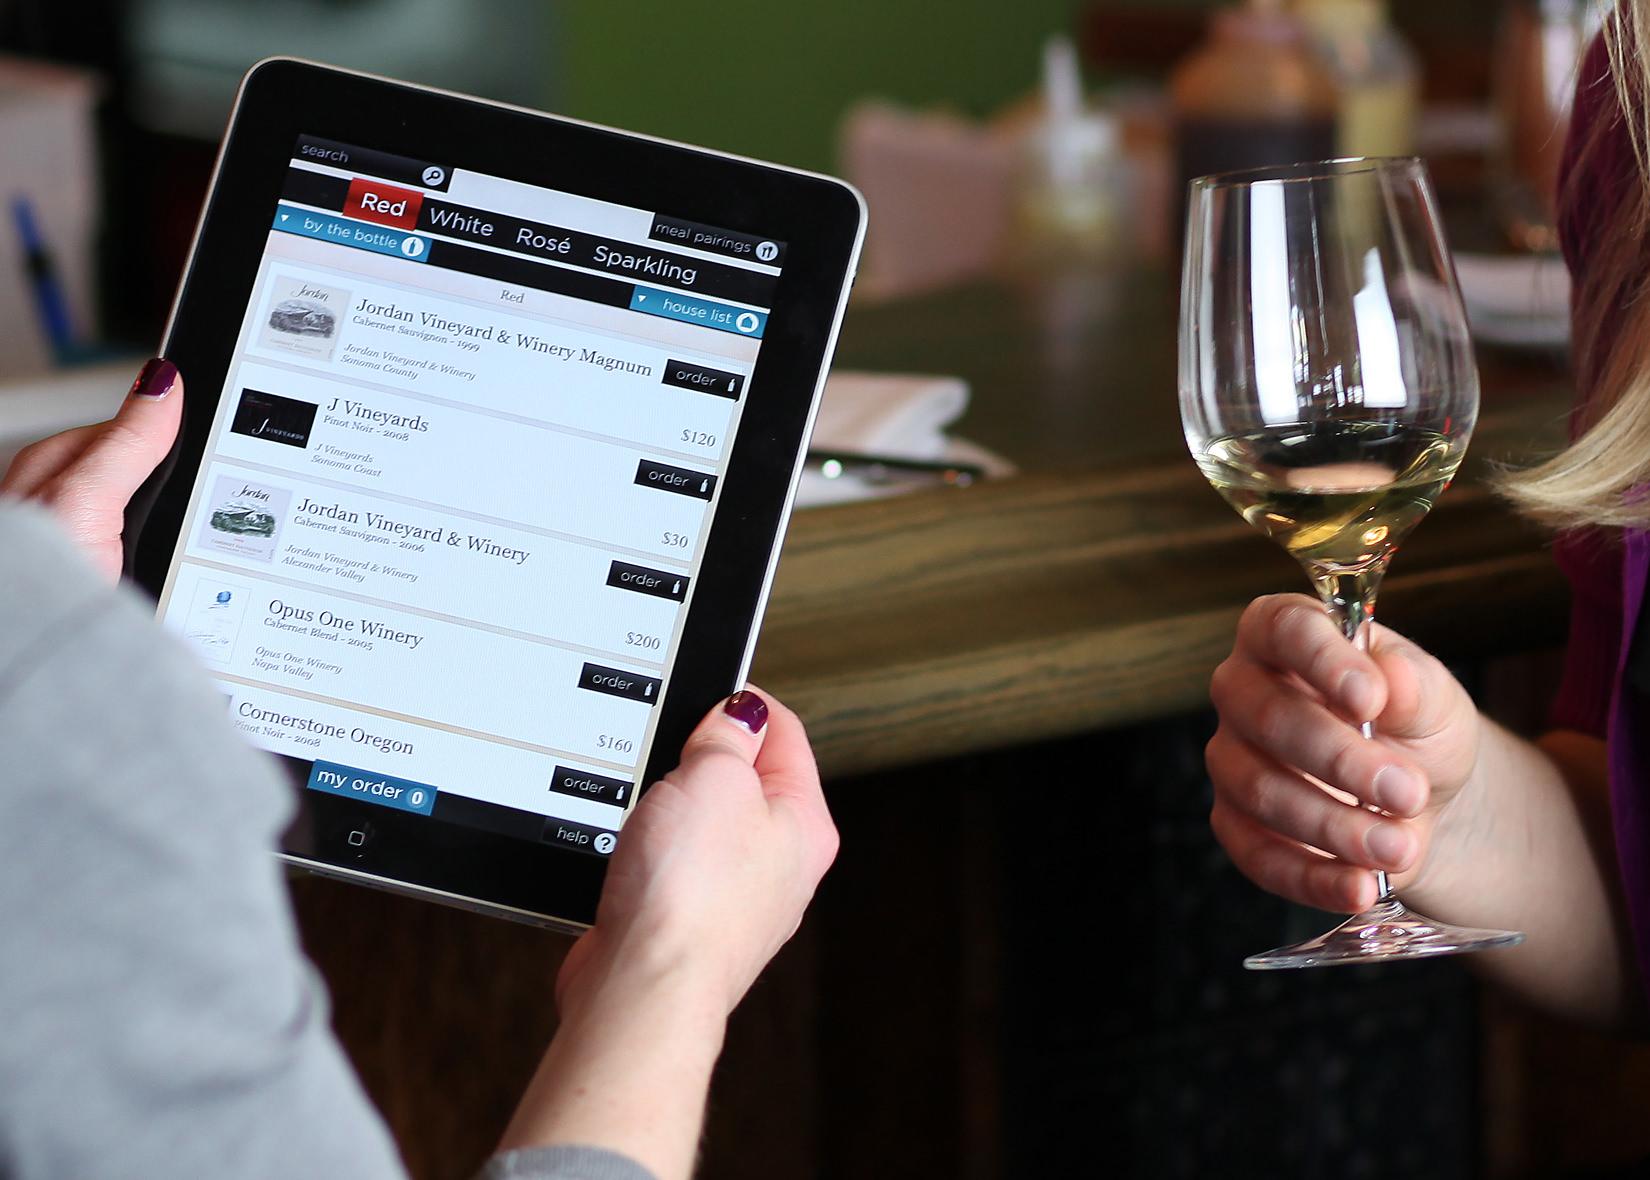 ¿Qué es una carta de vinos digital?